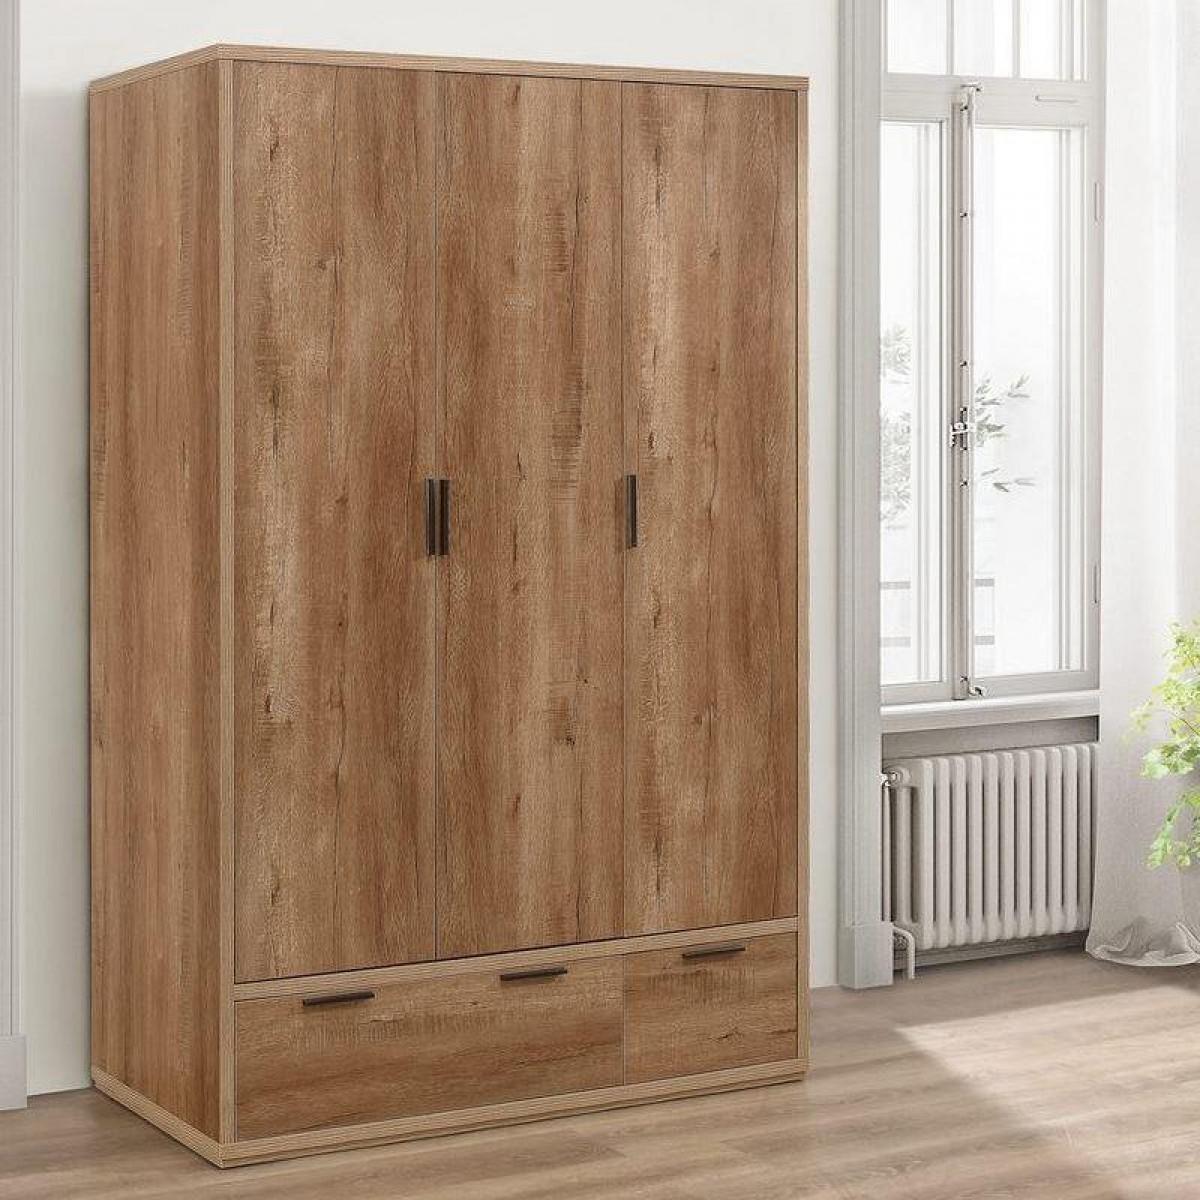 Stockwell Rustic Oak Wooden 3 Door Combination Wardrobe